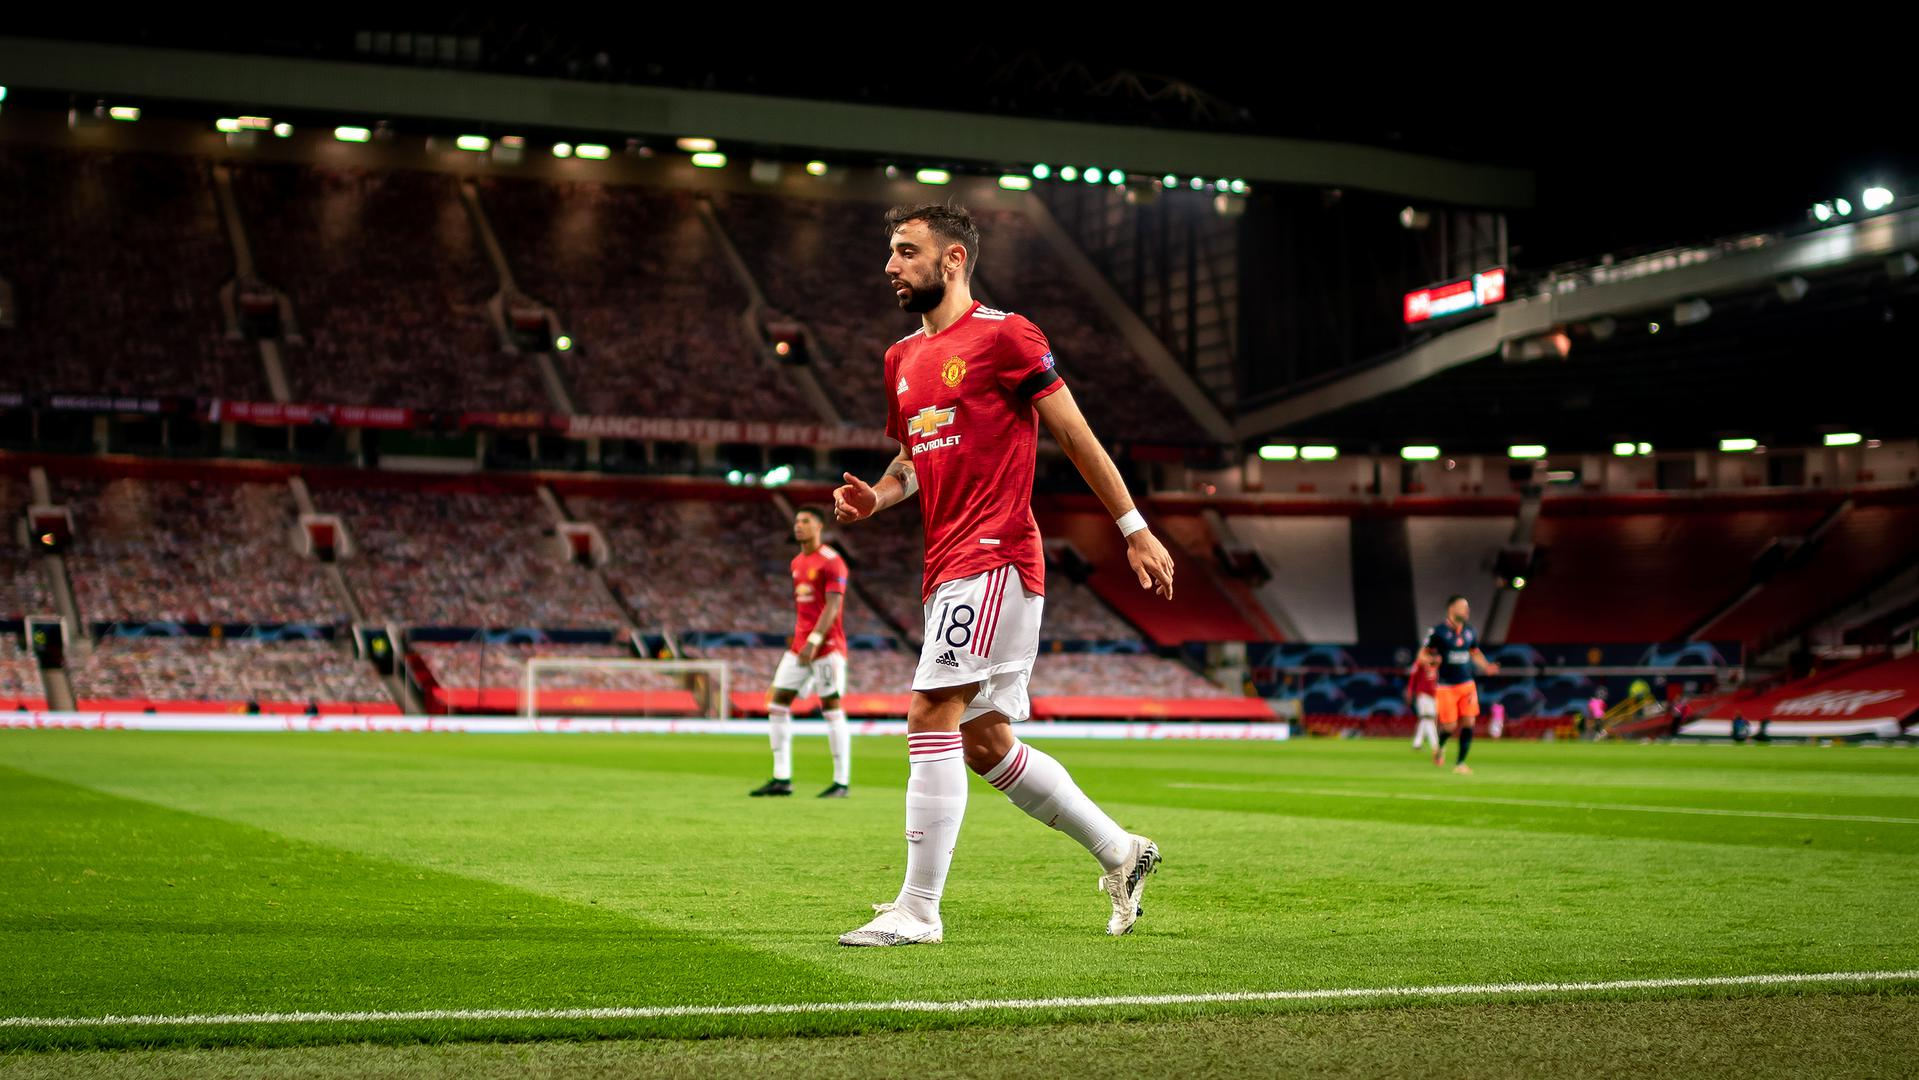 El gran gesto de Fernandes   Web oficial del Manchester United